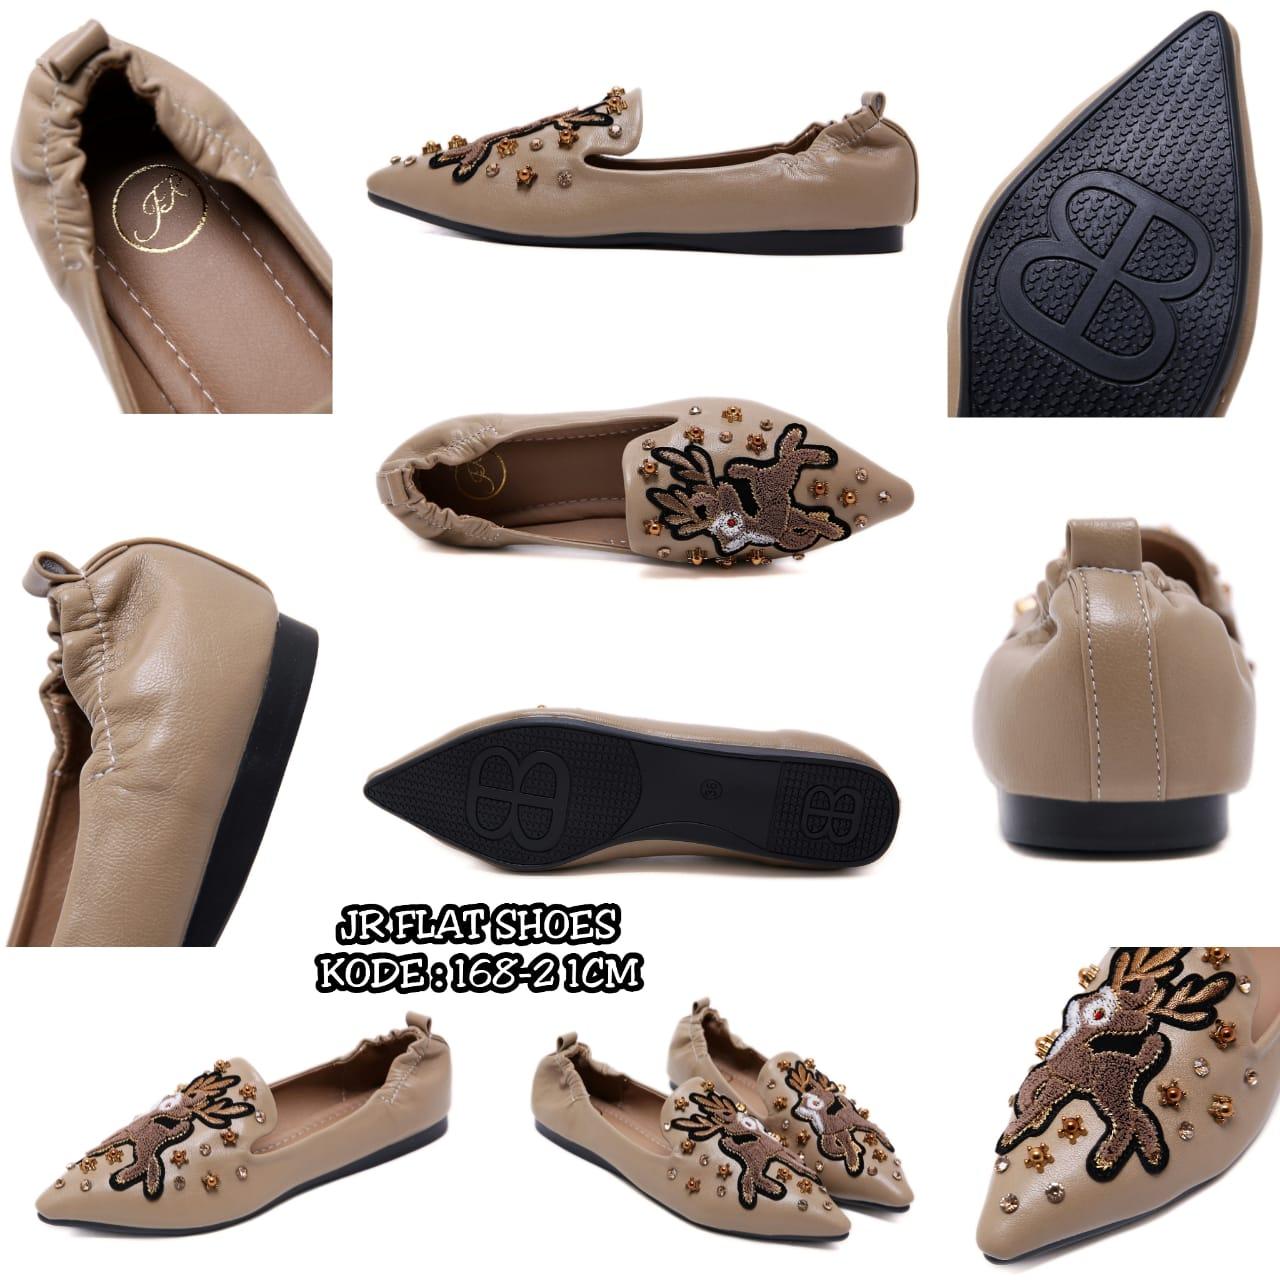 Jual sepatu ARRIVAL JR FLAT SHOES terbaru 2020 kalimantan 168-2